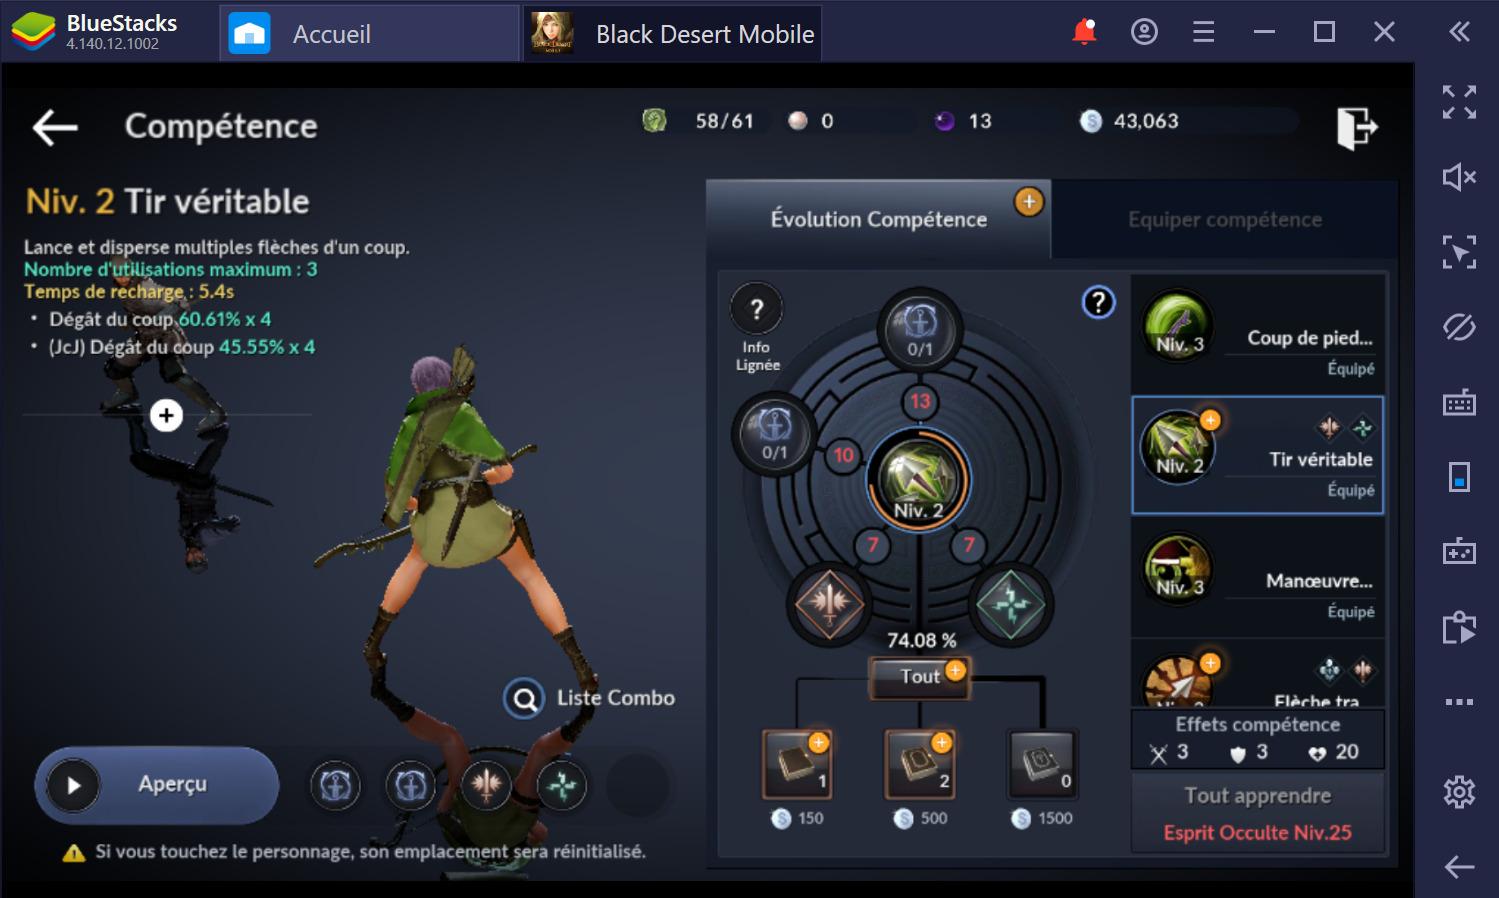 Black Desert Mobile sur PC: Comment monter rapidement en niveau